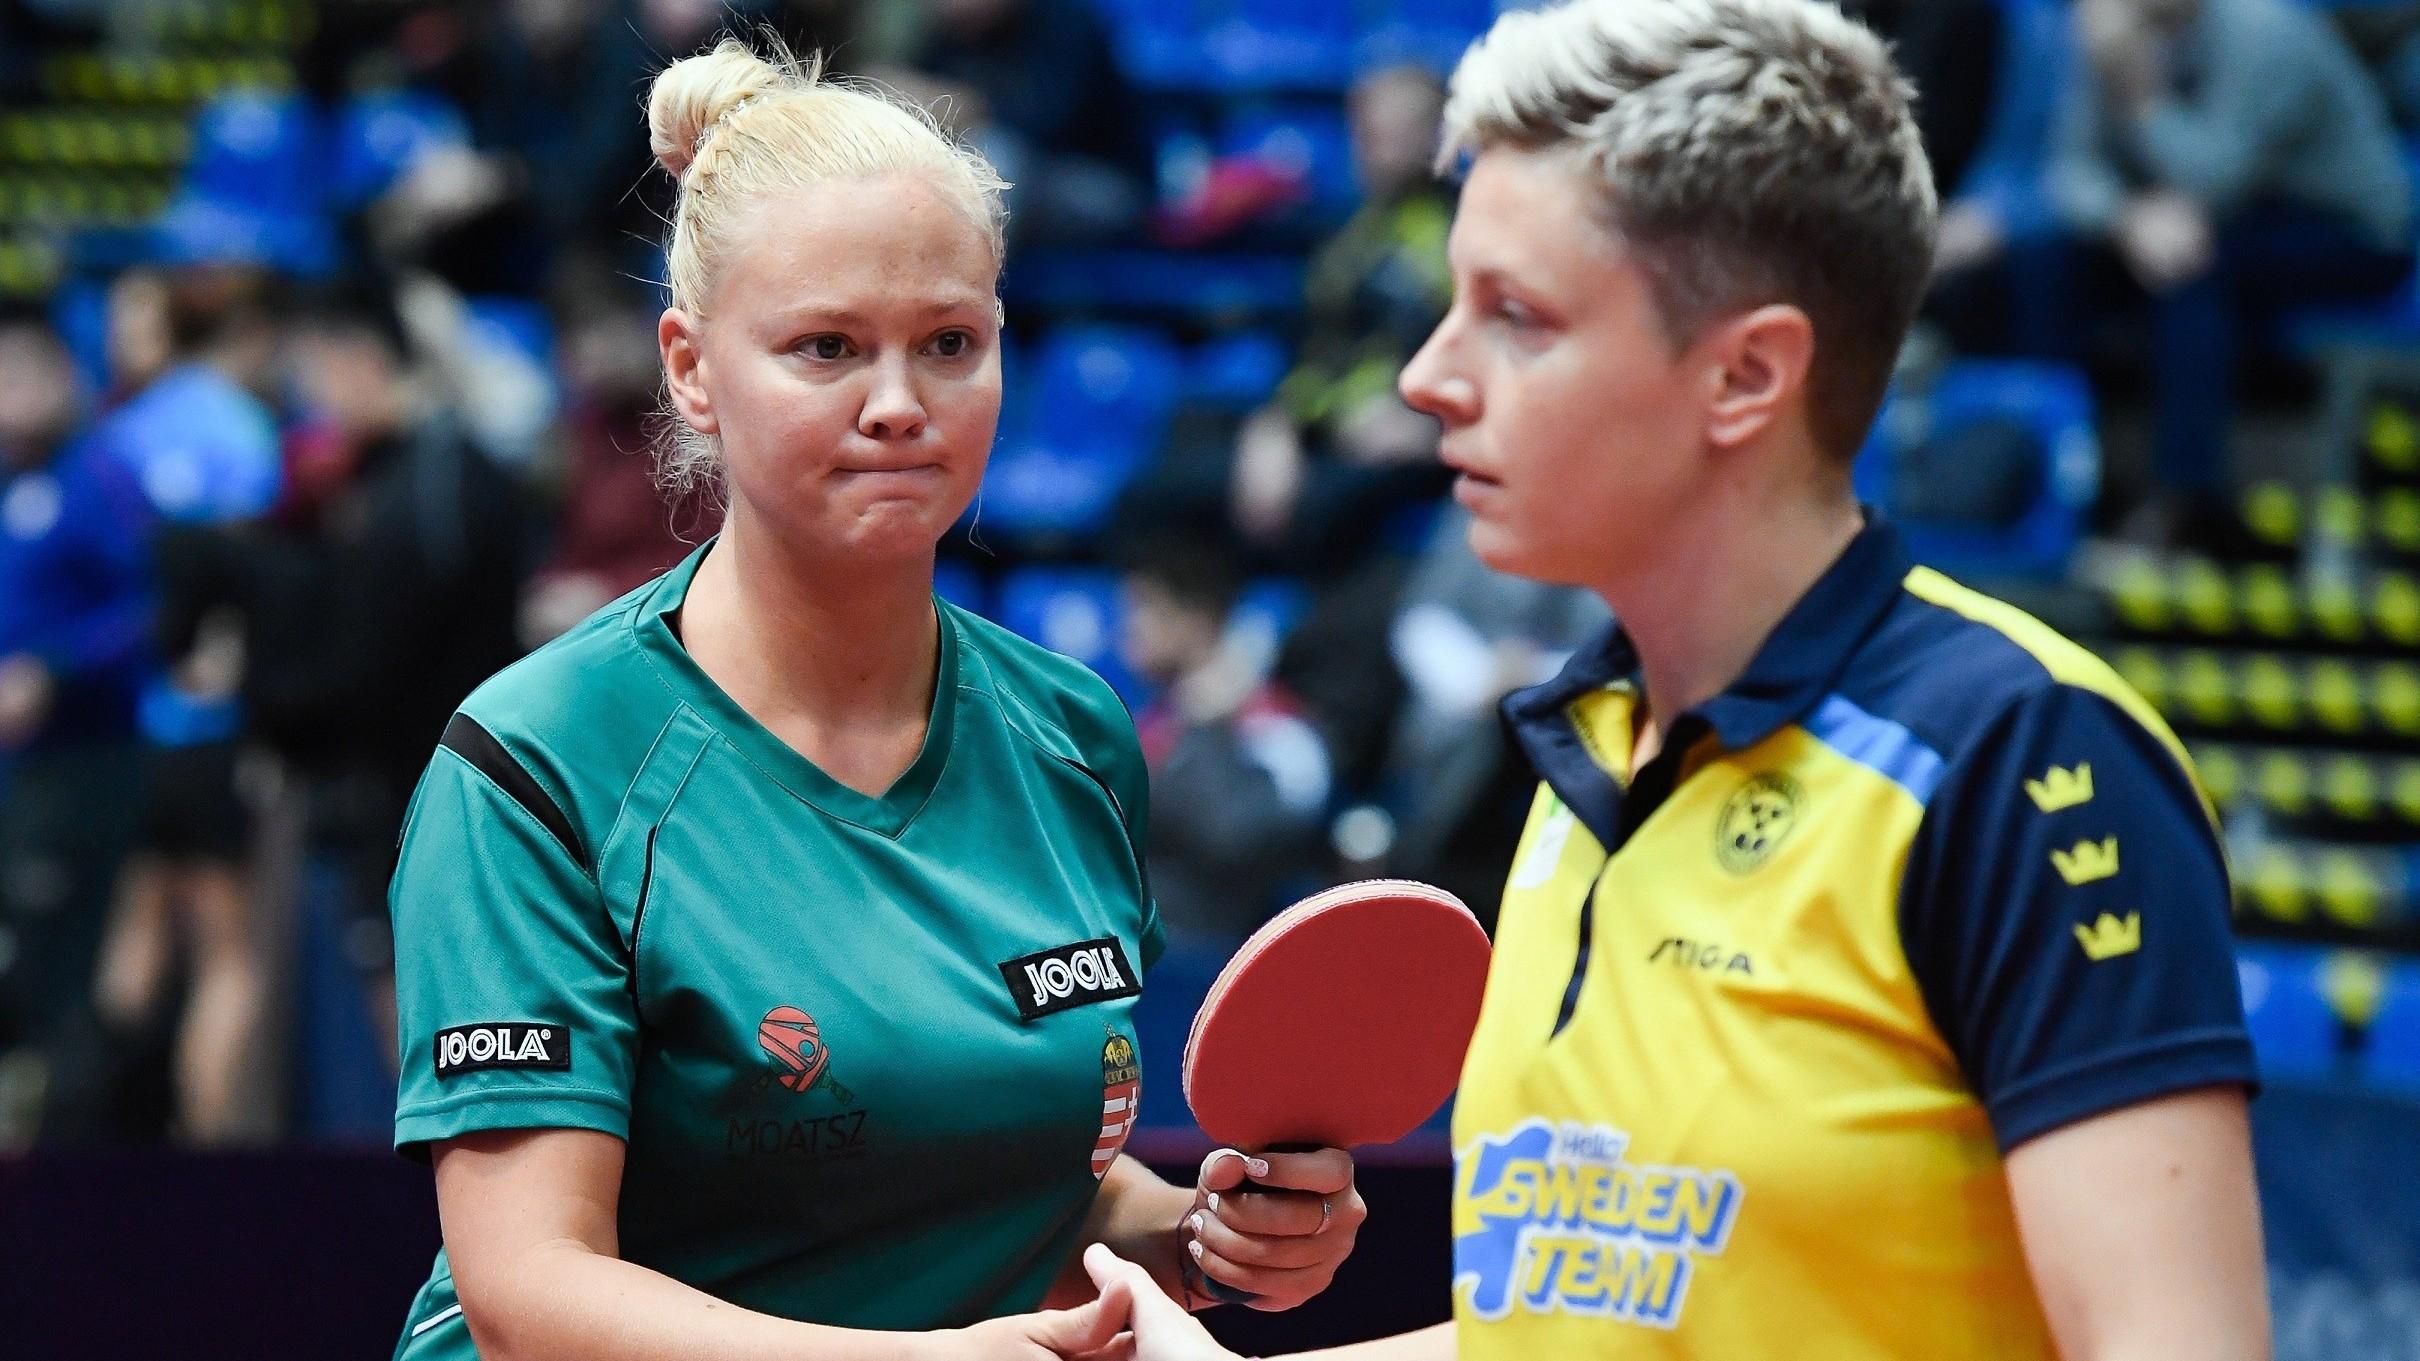 Asztalitenisz World Tour - Búcsúzott a negyeddöntőben a Póta, Ekholm kettős